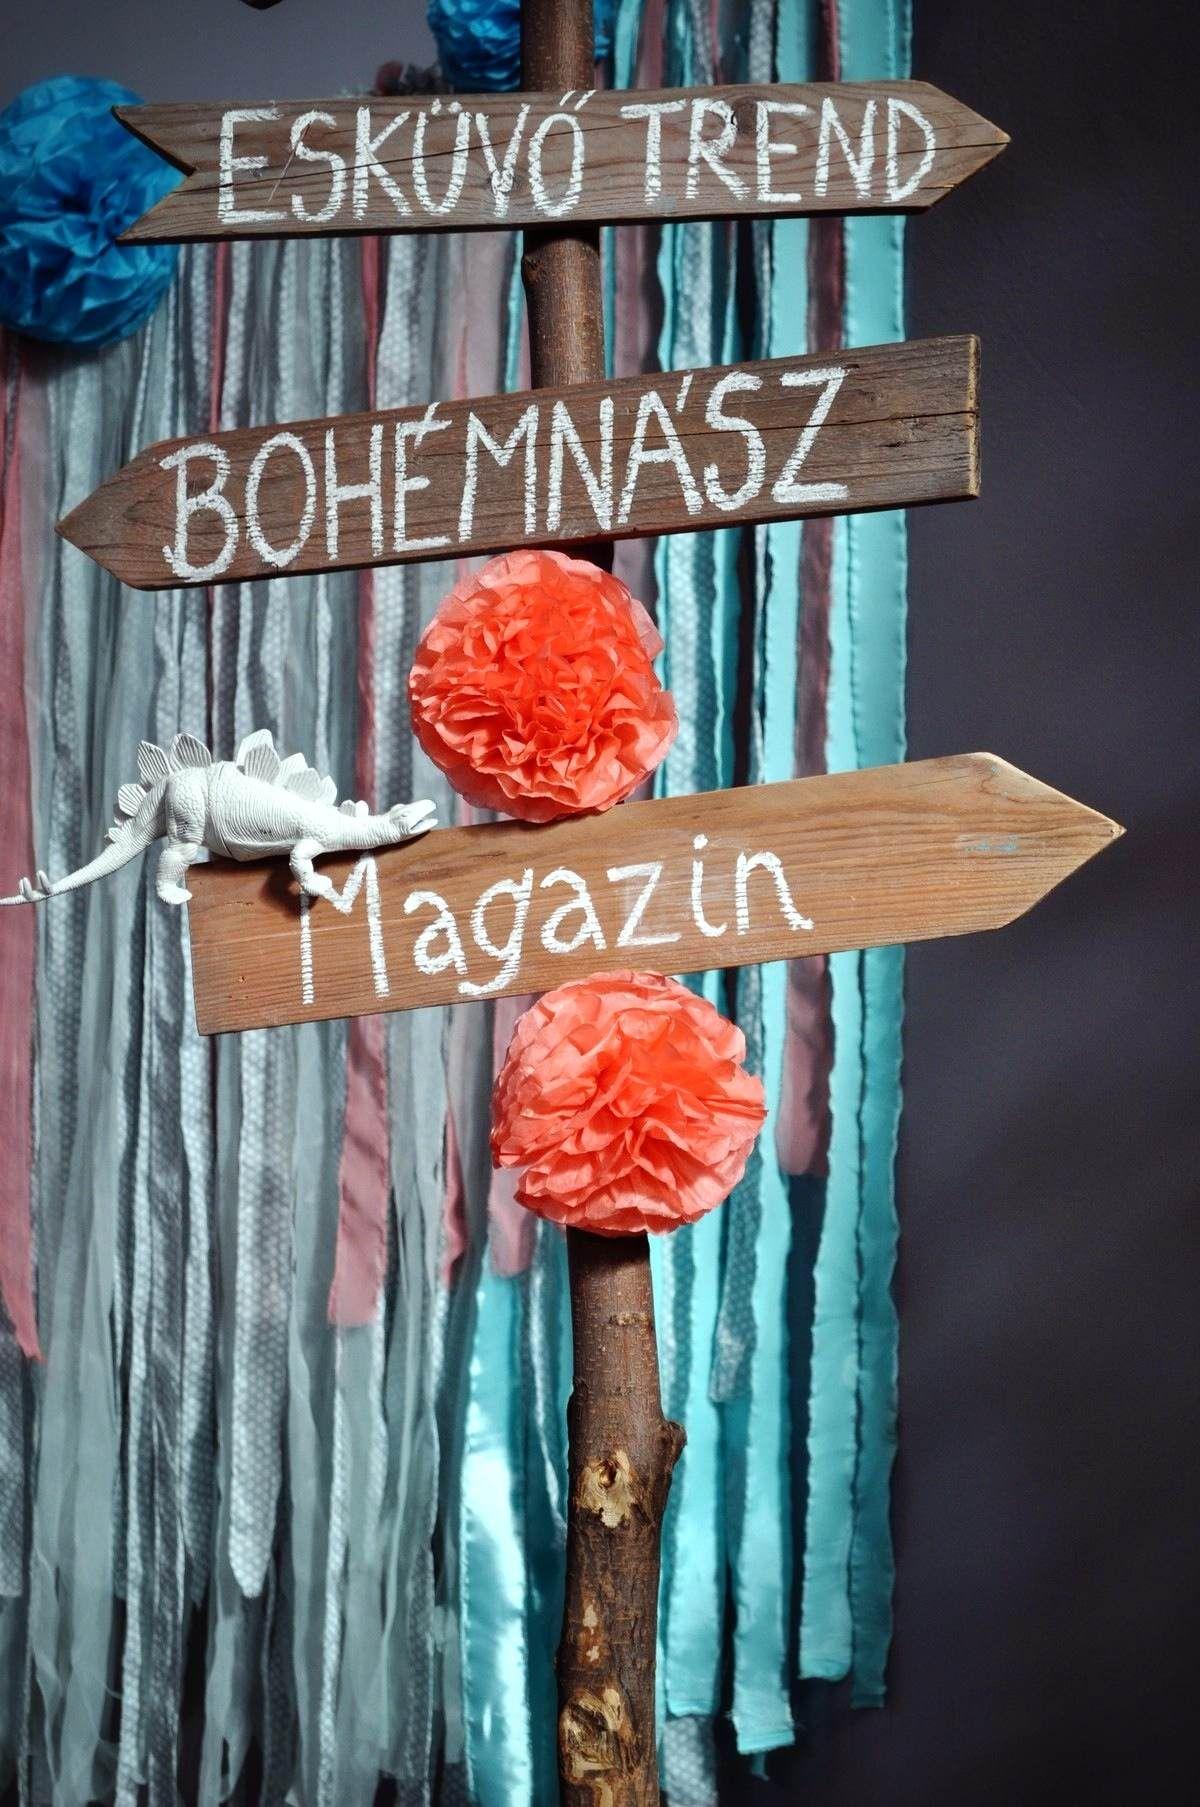 BOhémNász a WAMP-on Fotó: Gerzsenyi-Raczko Tímea Esküvő Vintage #esküvő #eskuvo #wamp #dekoracio